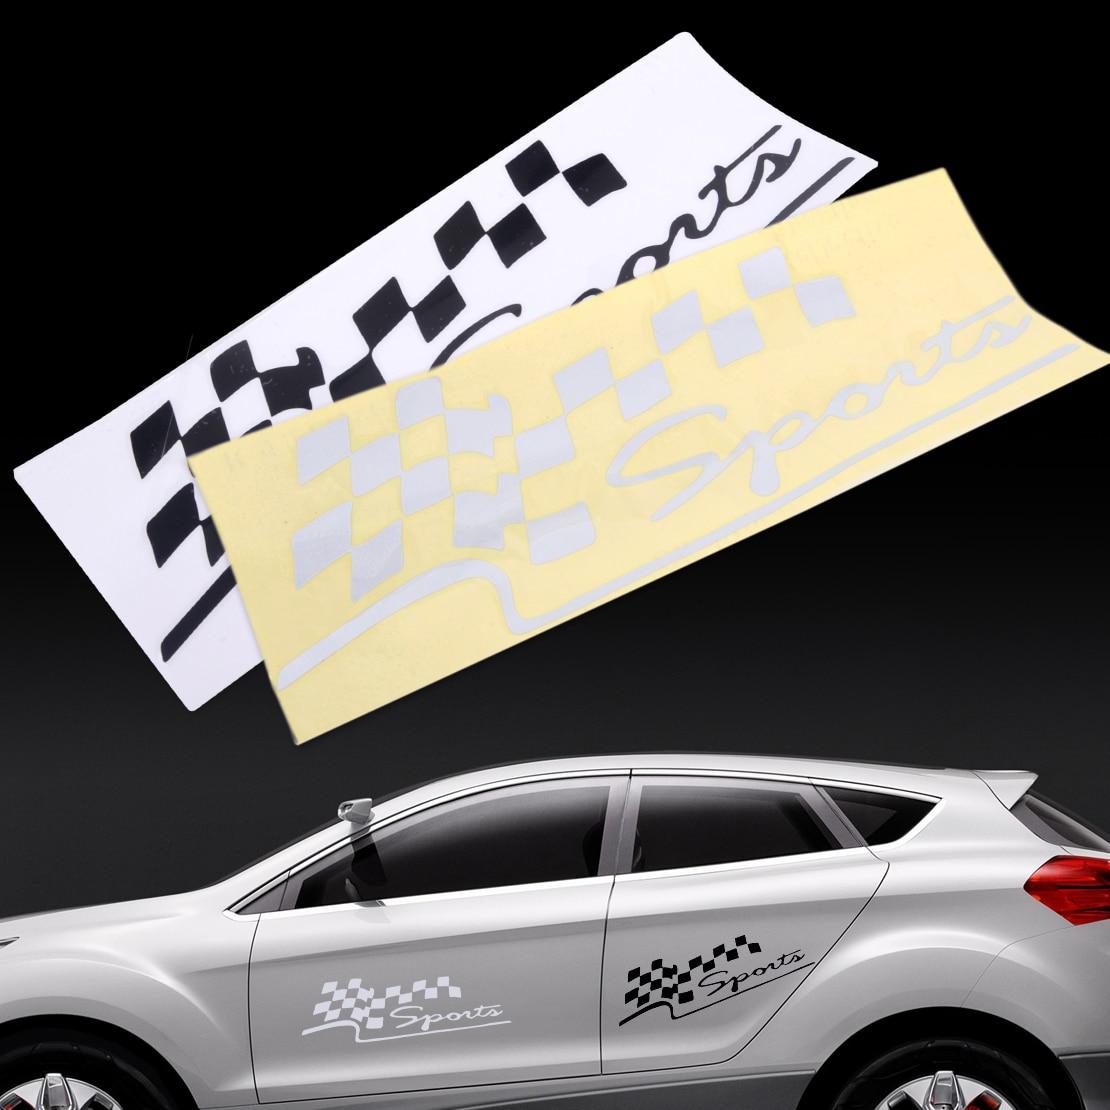 Beler Авто тела гонки клетчатые флаги спортивный стиль виниловая наклейка Стикеры для VW Audi BMW Nissan Mazda Honda Chevrolet kia